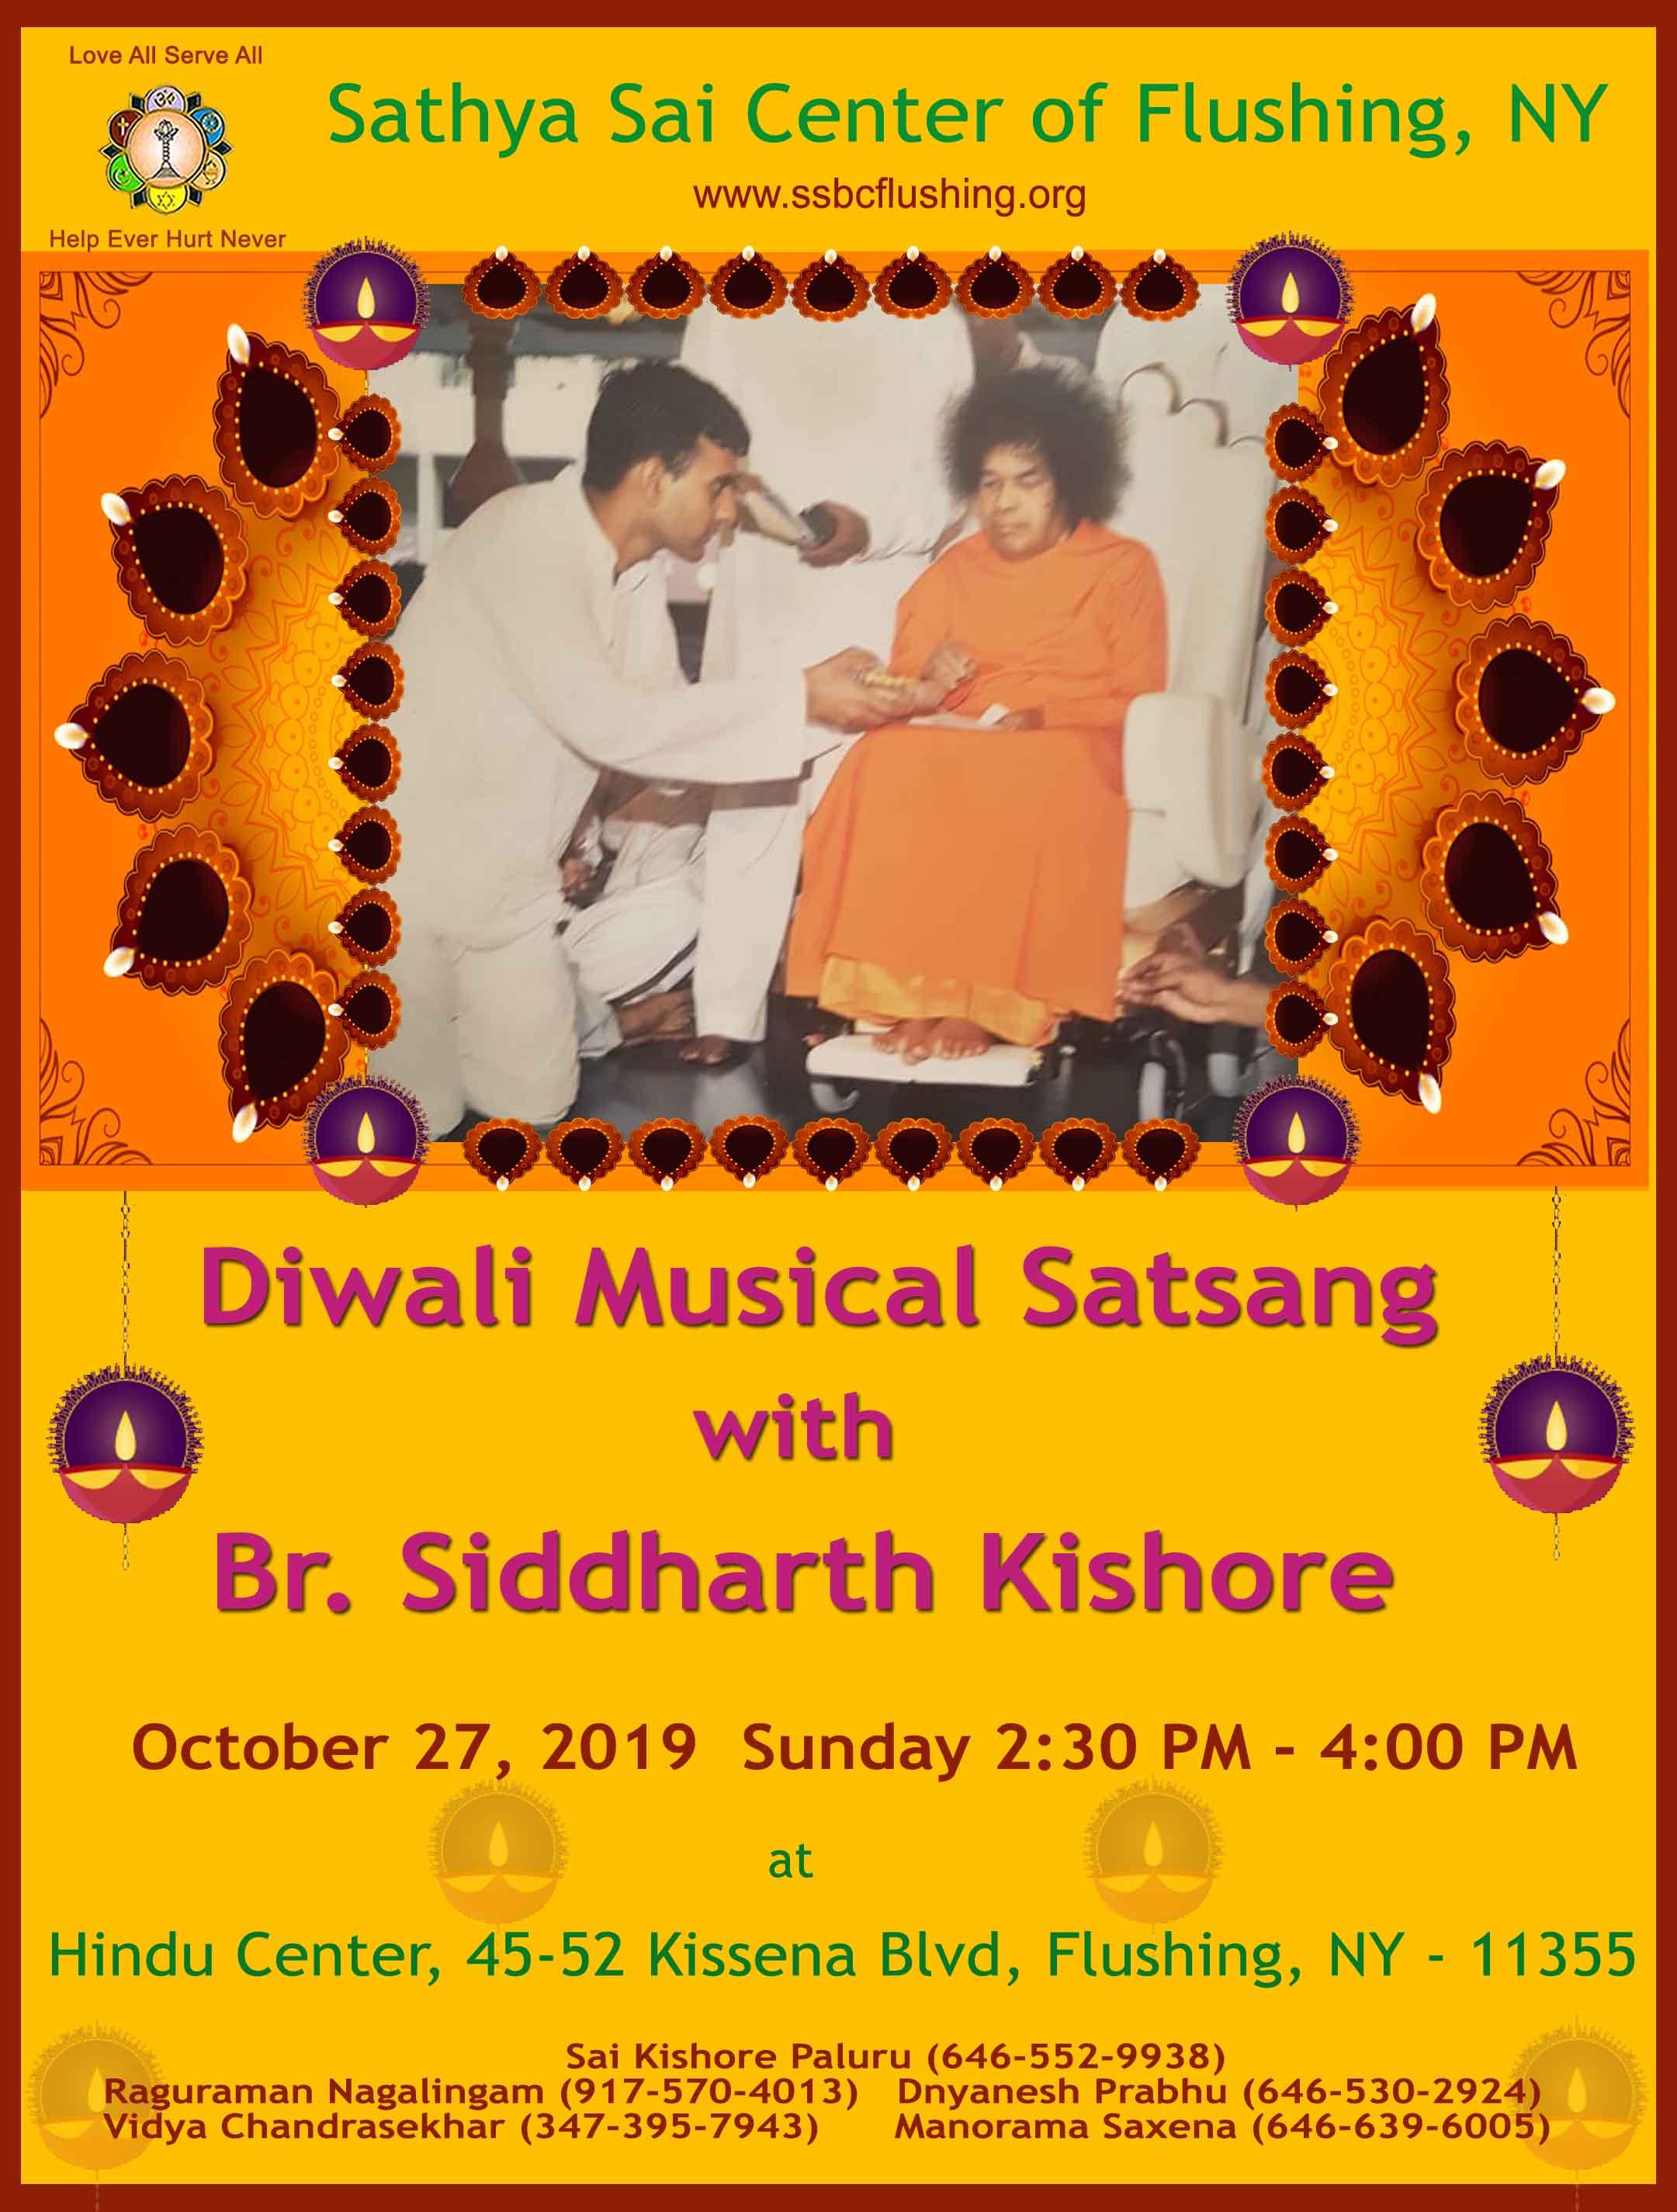 Diwali Satsang